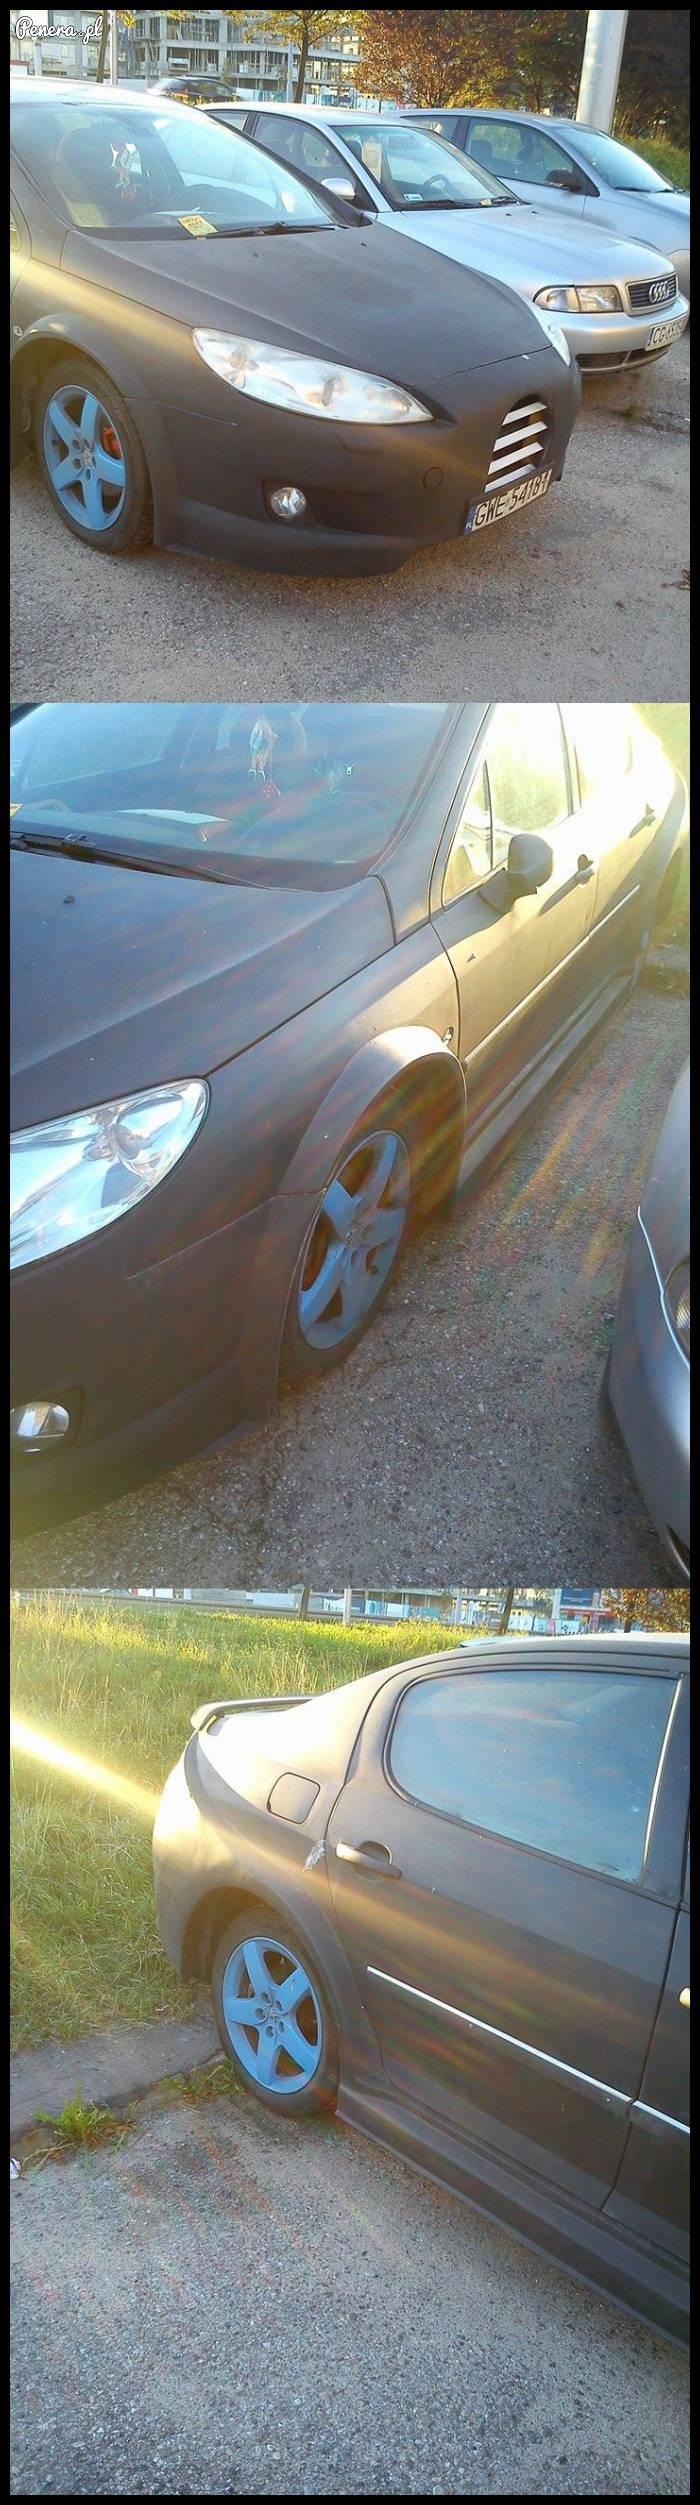 Kogoś nieźle poniosło z tym autem